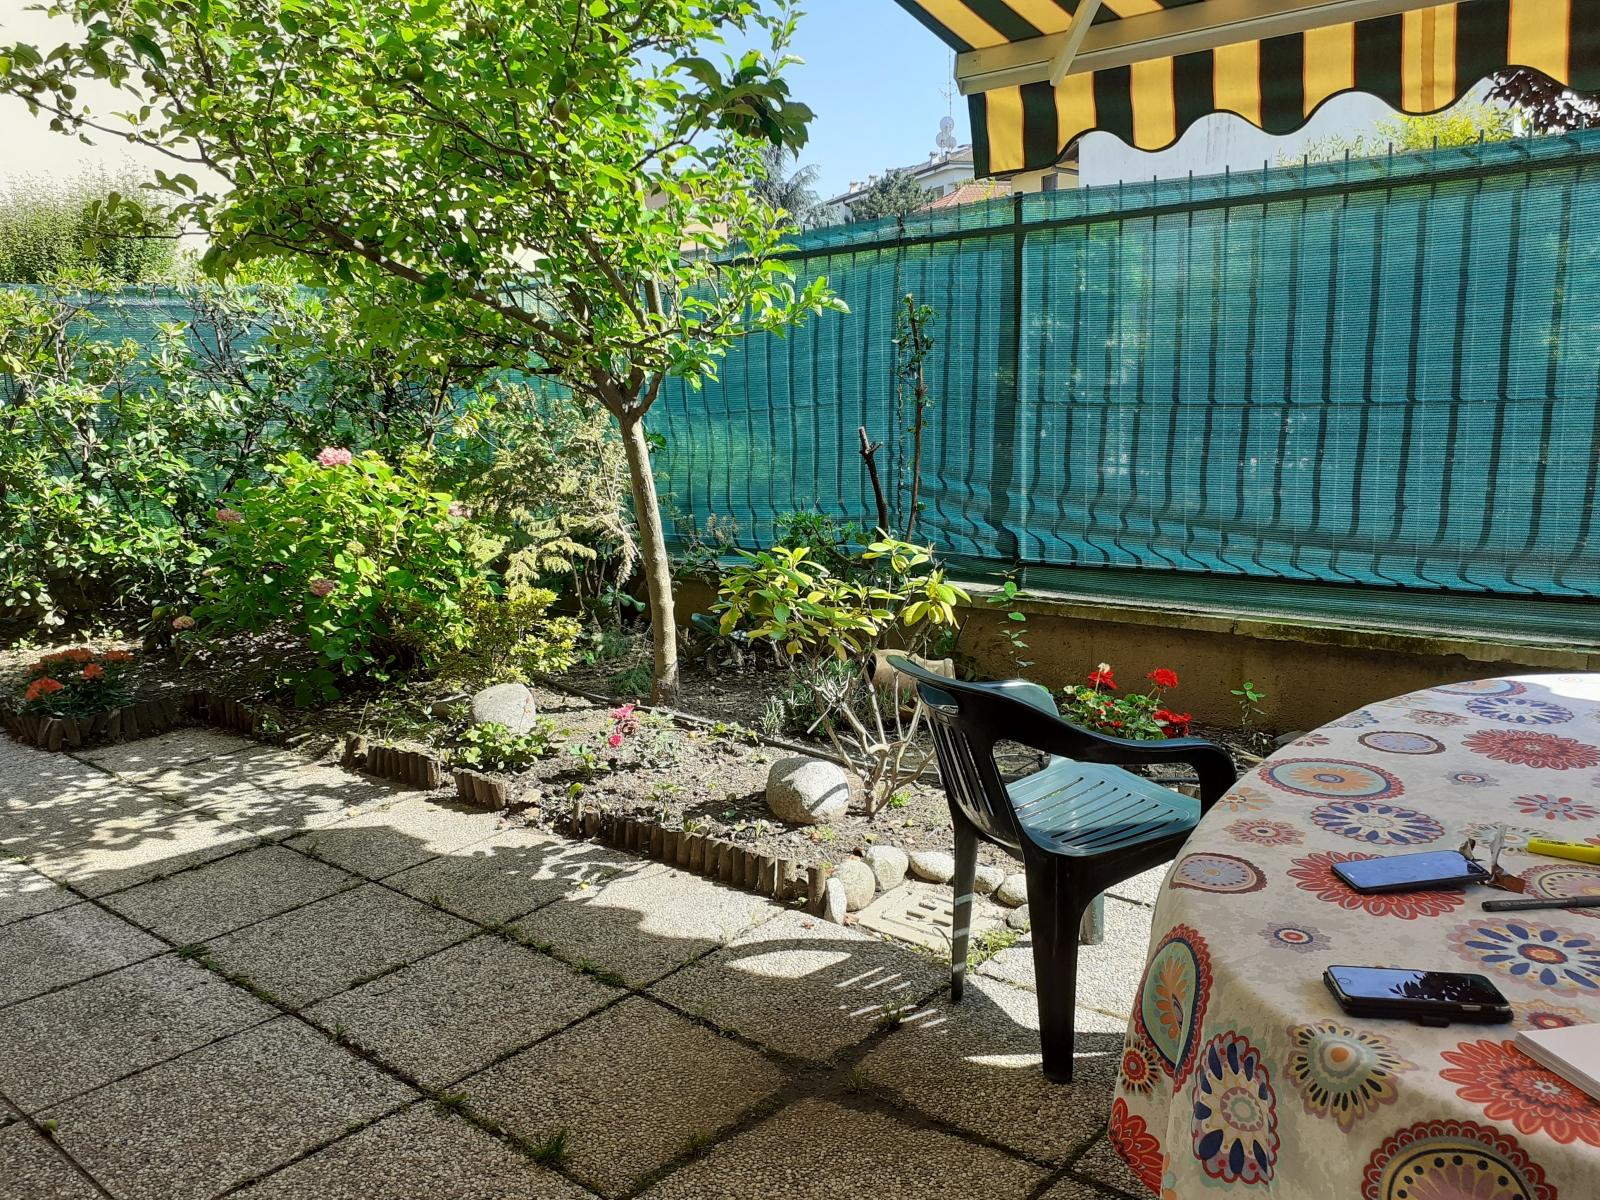 appartamento-in-vendita-cesano-boscone-milano-spaziourbano-immobiliare-vende-22